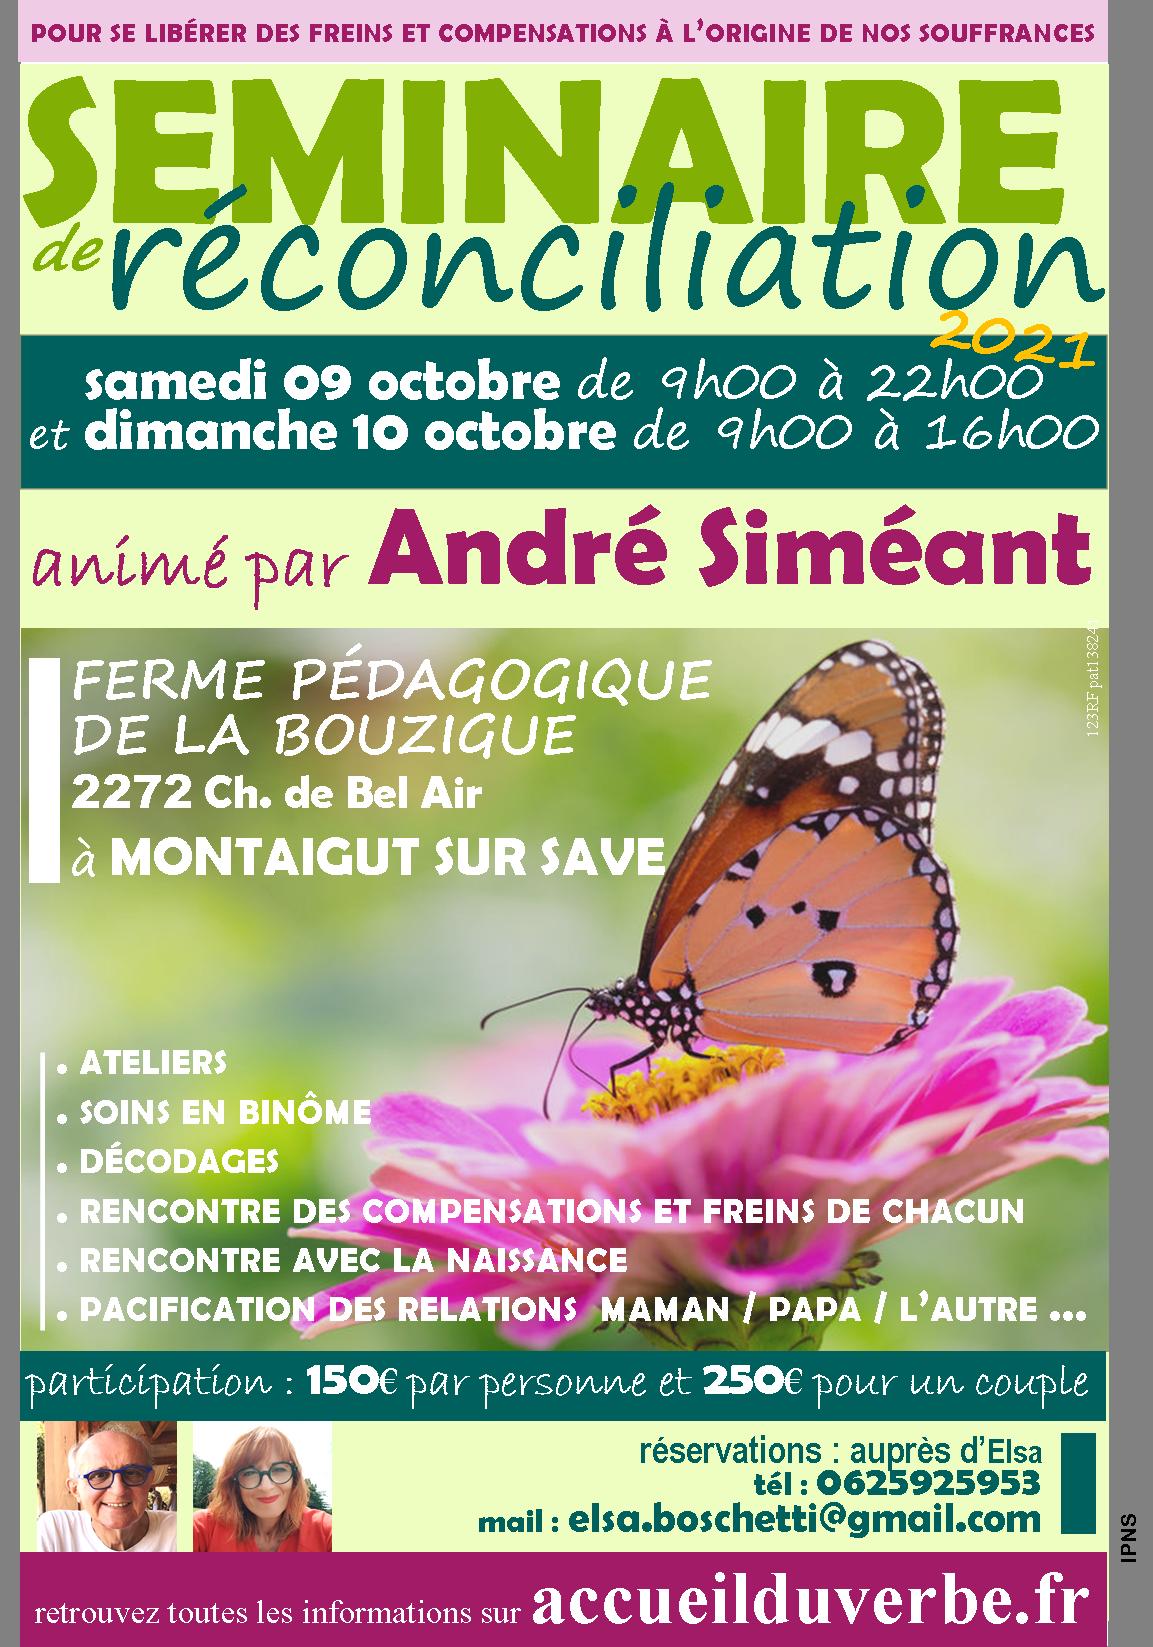 visuel séminaire Toulouse octobre 21.png